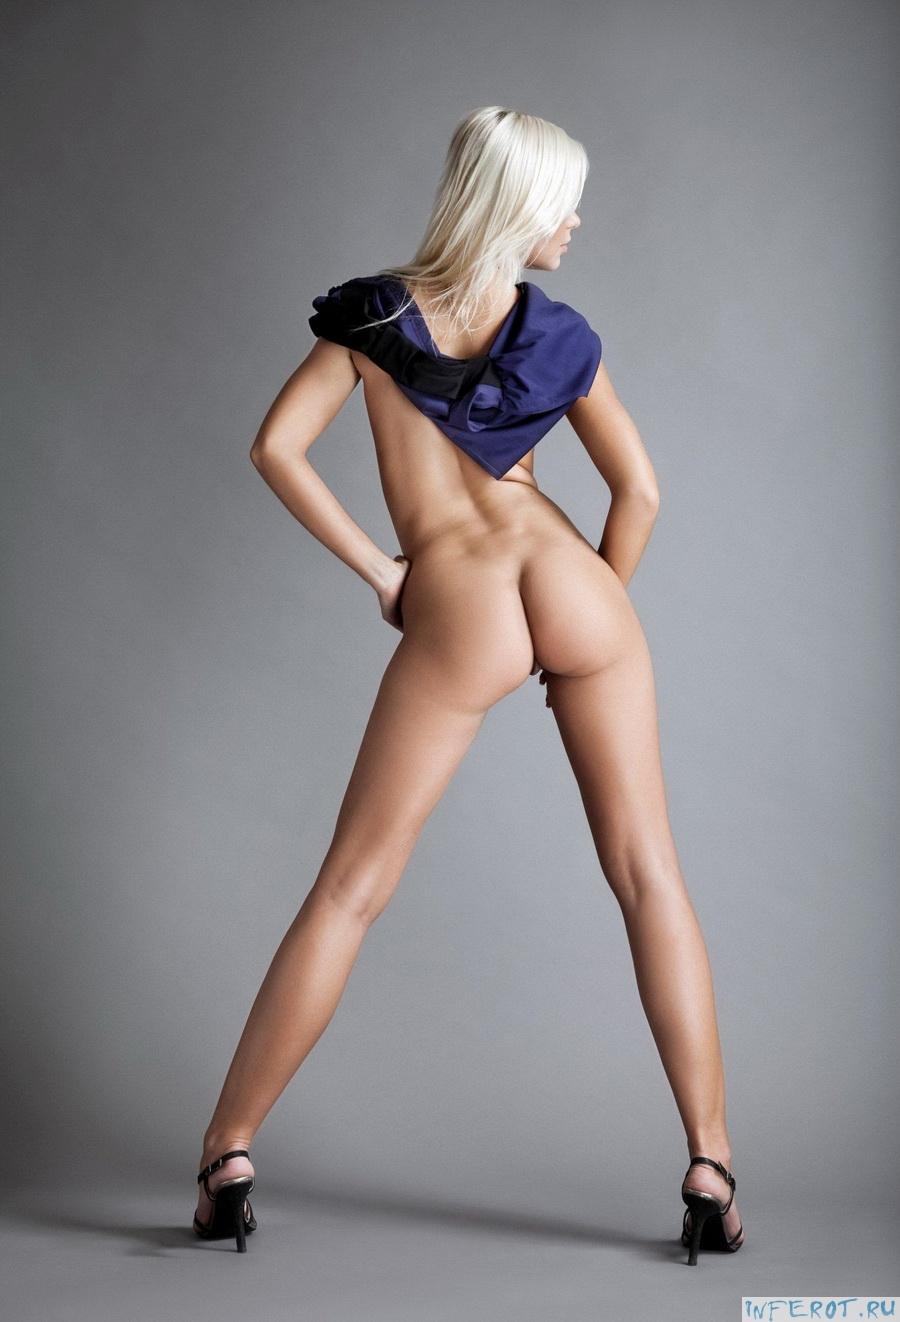 Длинноногие худенькие девушки согнувшись фото, трахает женщину бешеную матку секс фотки